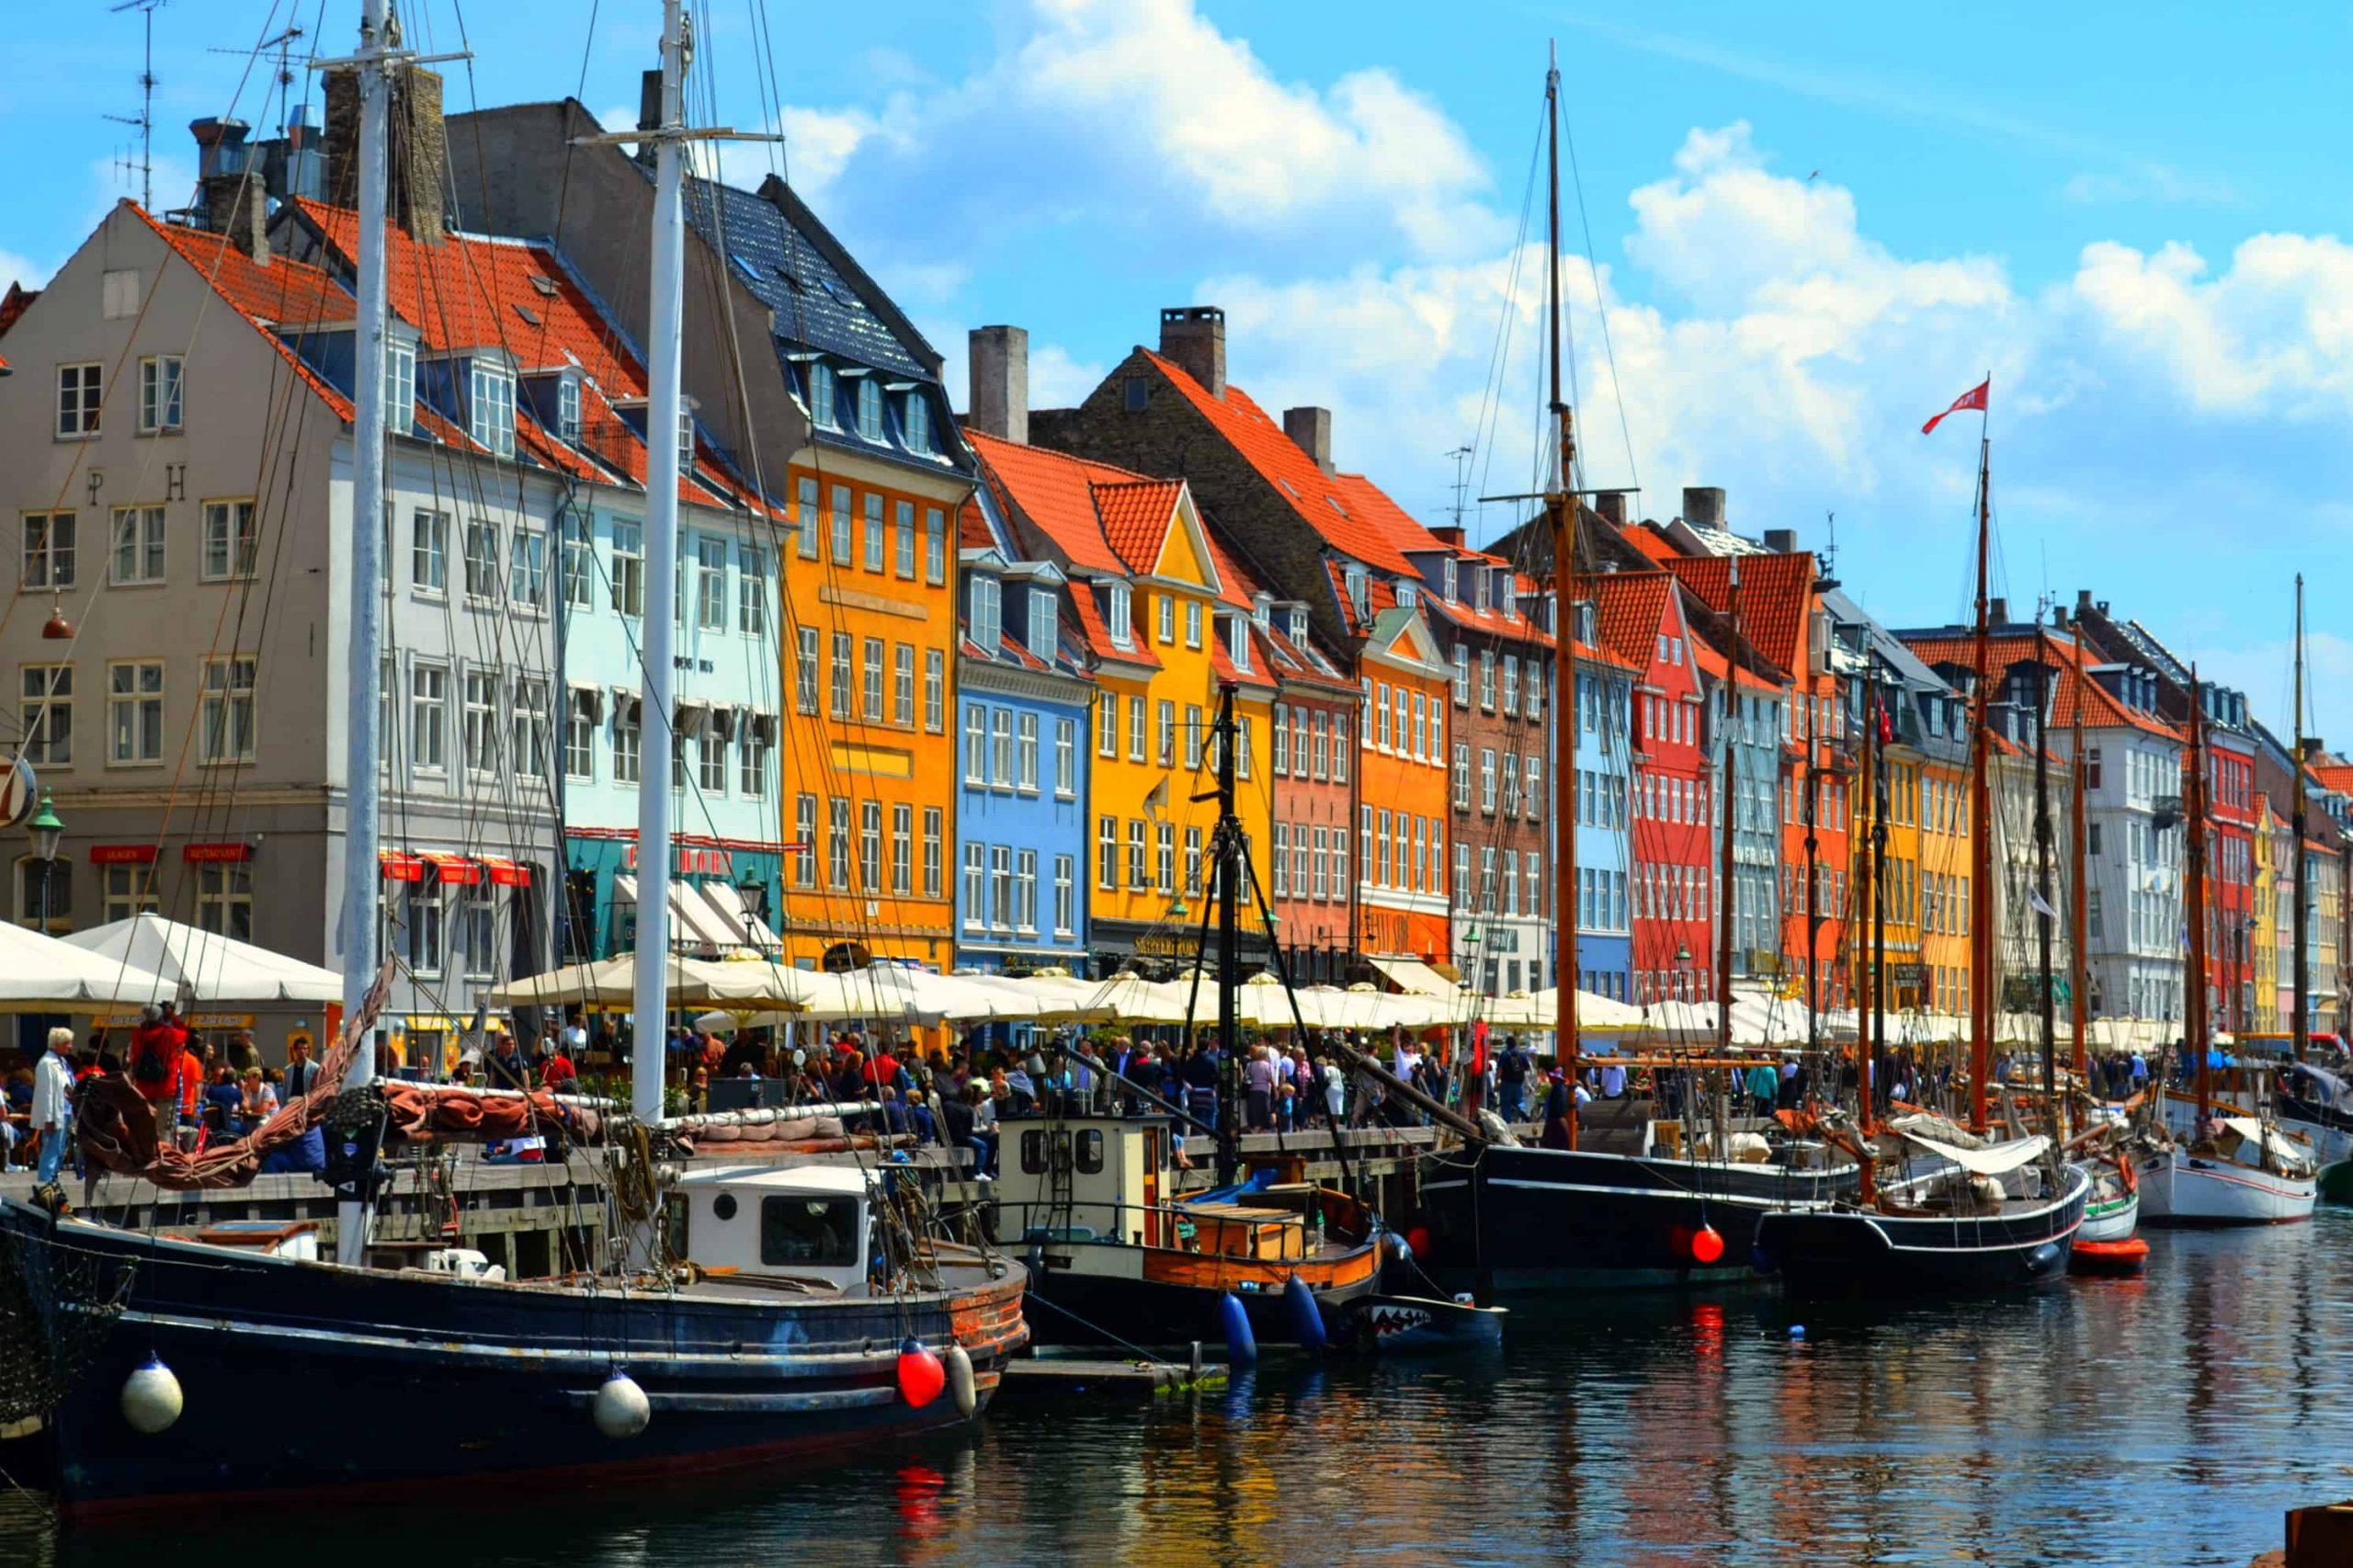 Οι δέκα κορυφαίες, ευρωπαϊκές χώρες που συνδυάζουν εργασία με ποιοτικό επίπεδο ζωής